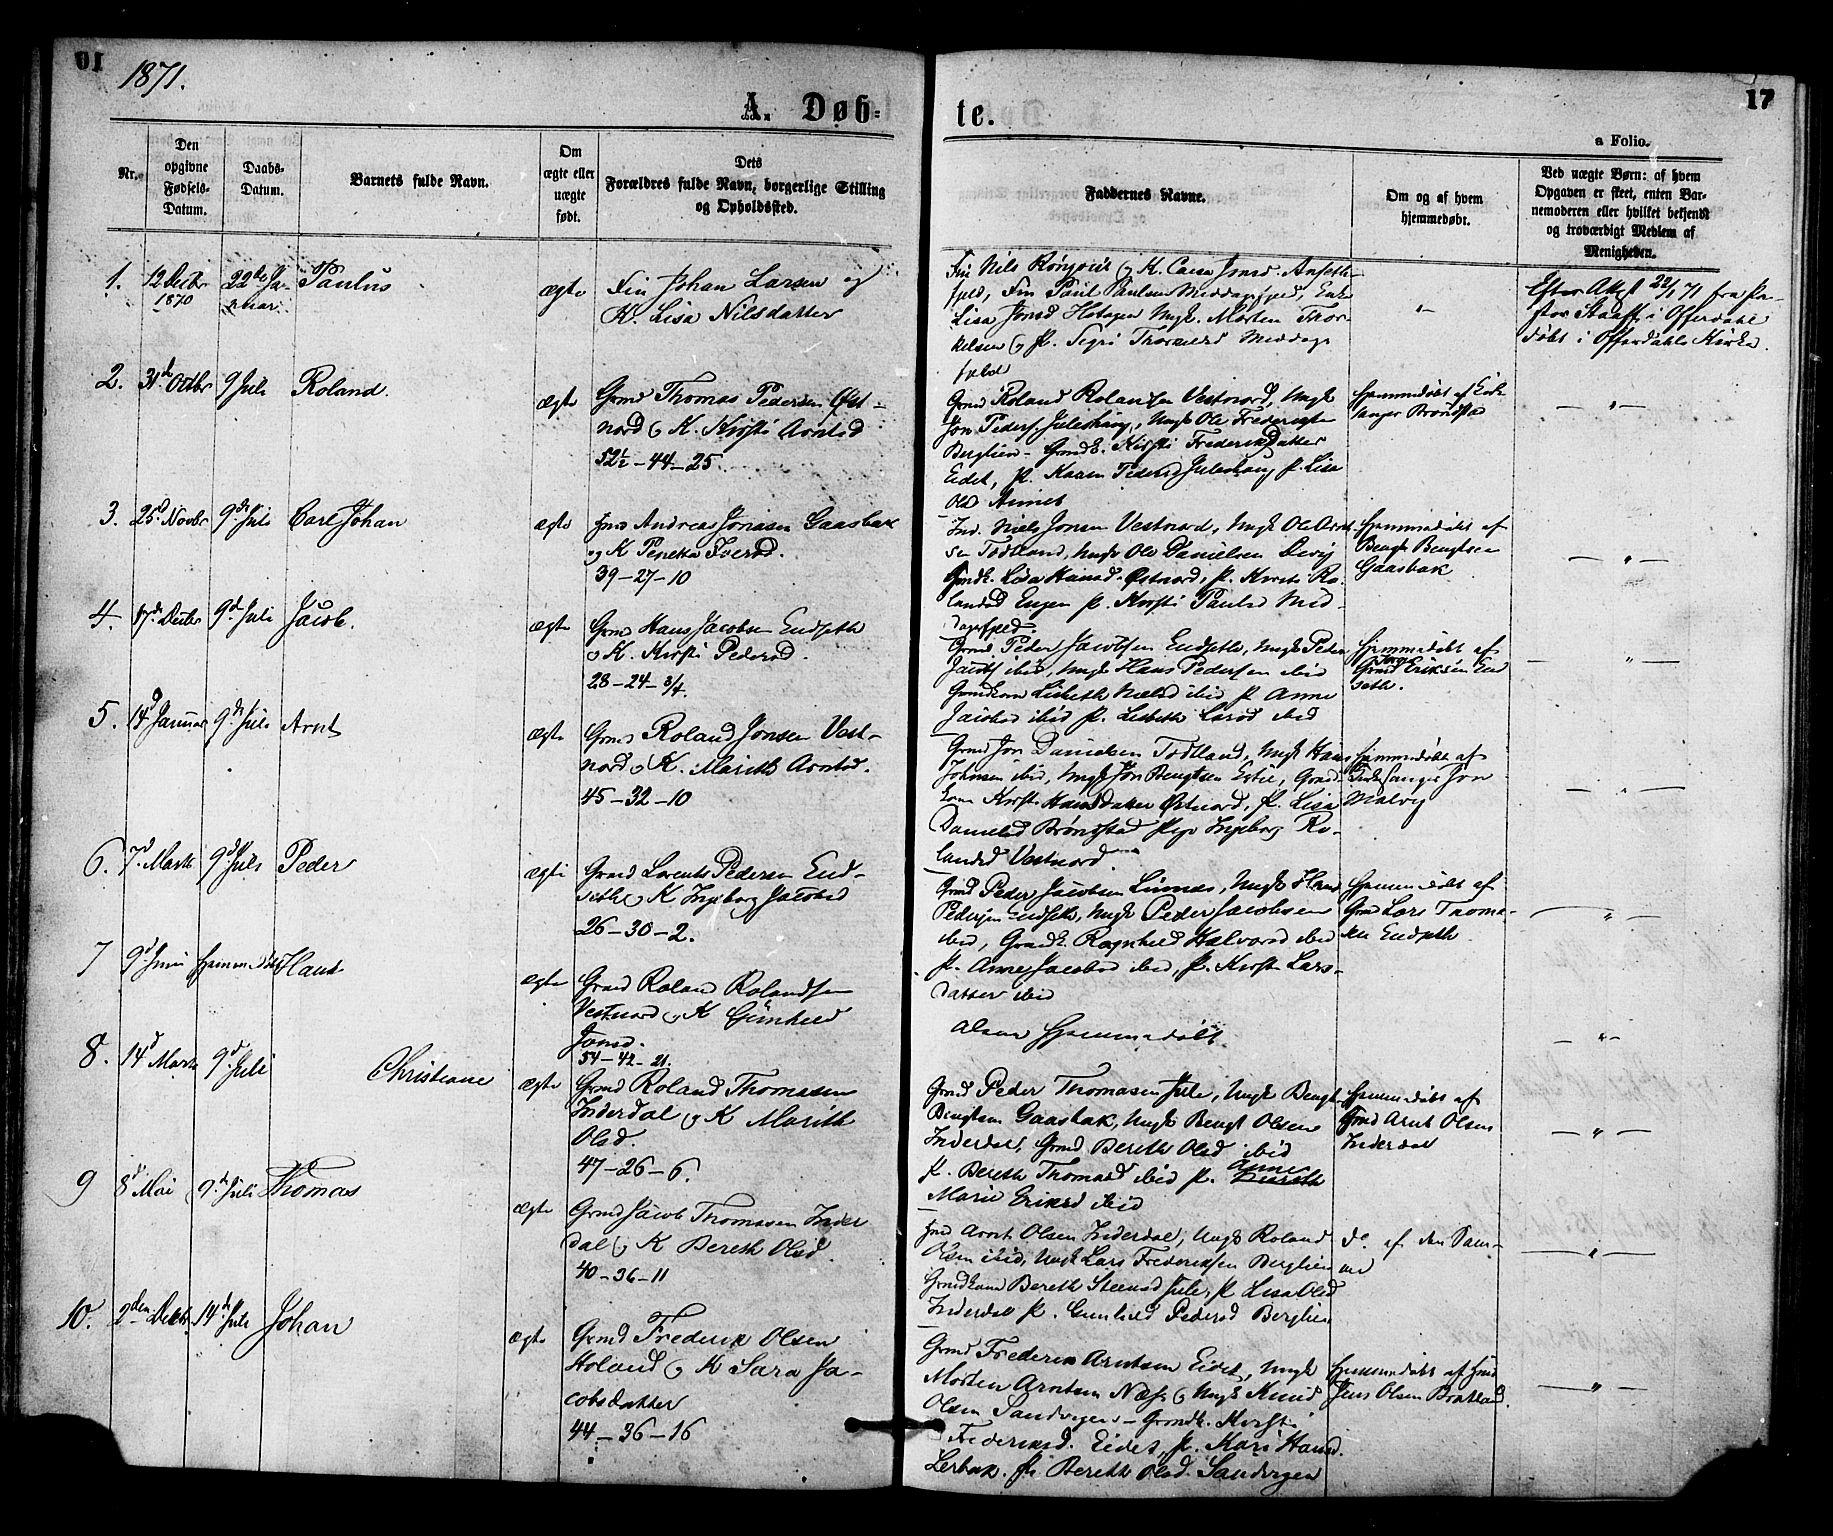 SAT, Ministerialprotokoller, klokkerbøker og fødselsregistre - Nord-Trøndelag, 755/L0493: Ministerialbok nr. 755A02, 1865-1881, s. 17